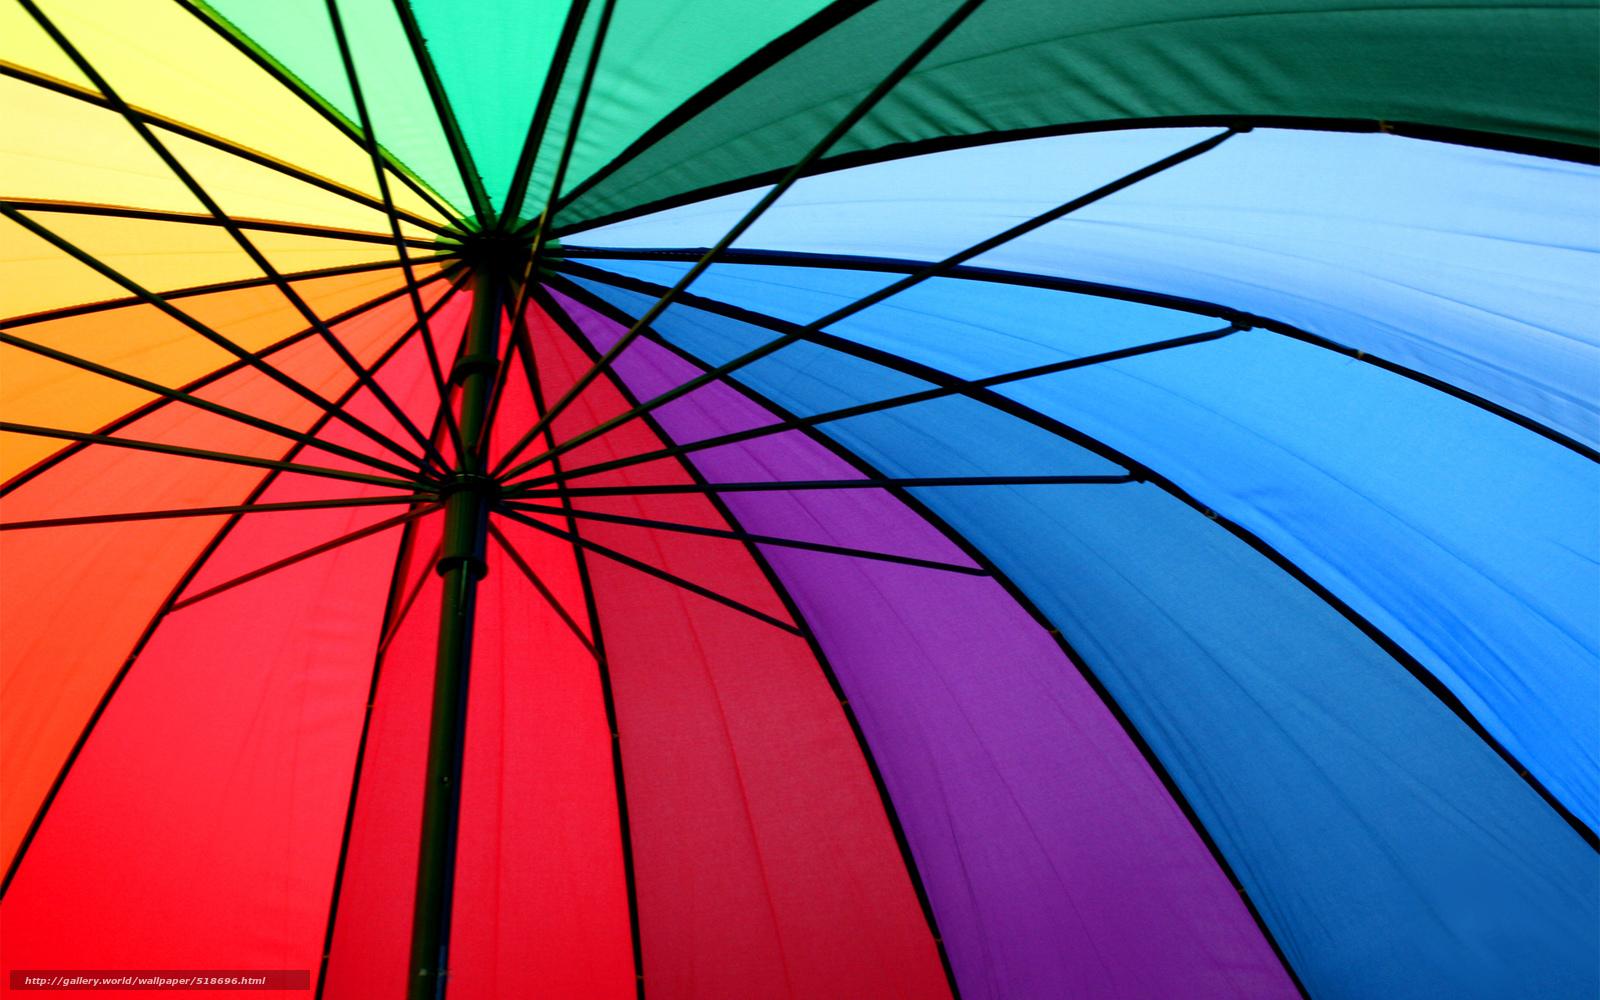 Скачать обои металл,  разноцветные,  спицы,  зонт бесплатно для рабочего стола в разрешении 1920x1200 — картинка №518696